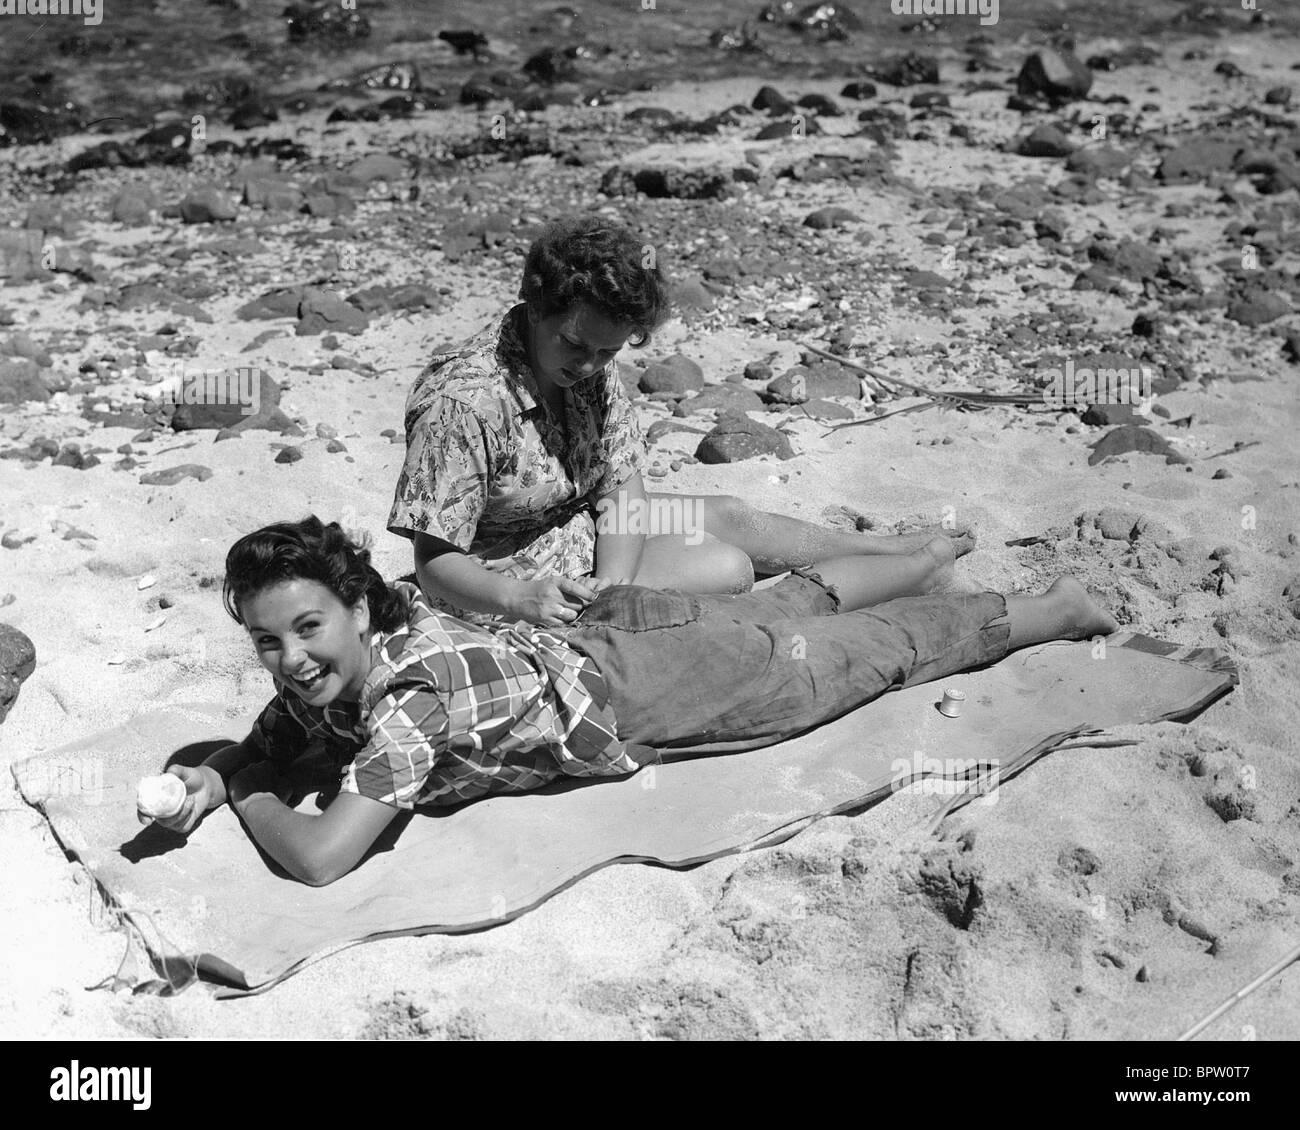 JEAN SIMMONS ACTRESS (1950) - Stock Image